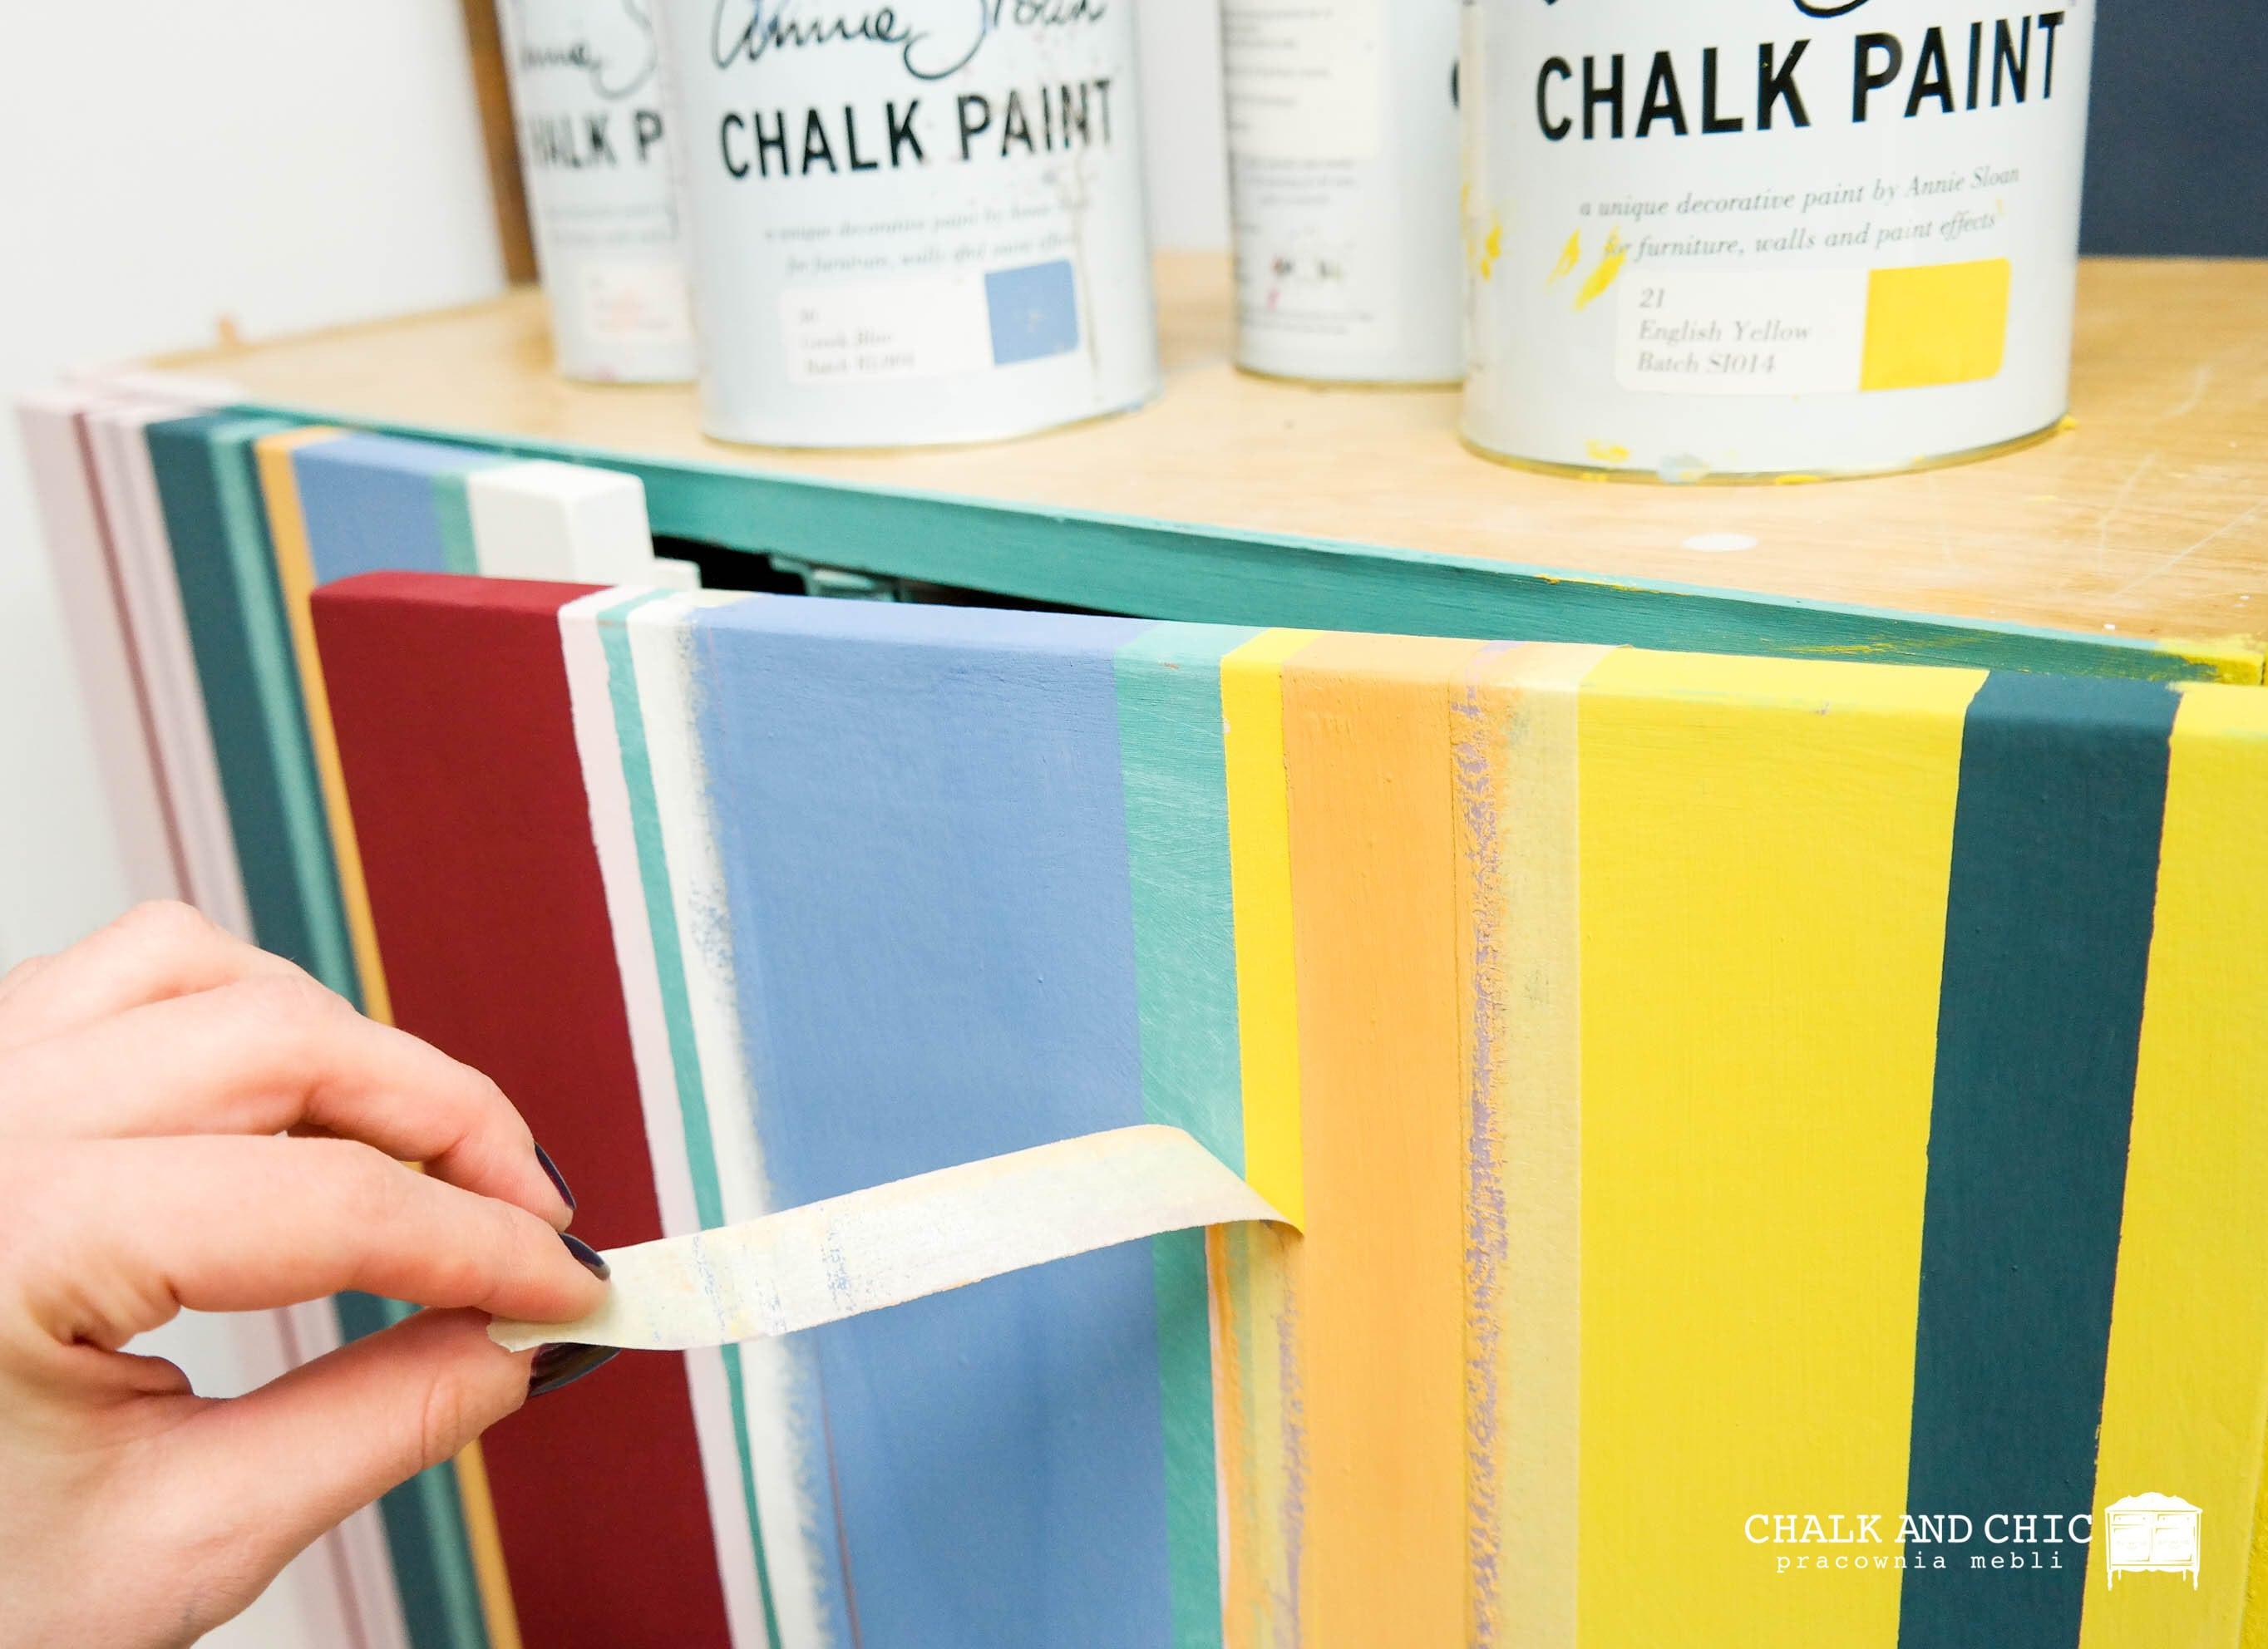 jak odnowić starą szafkę farbami kredowymi w paski